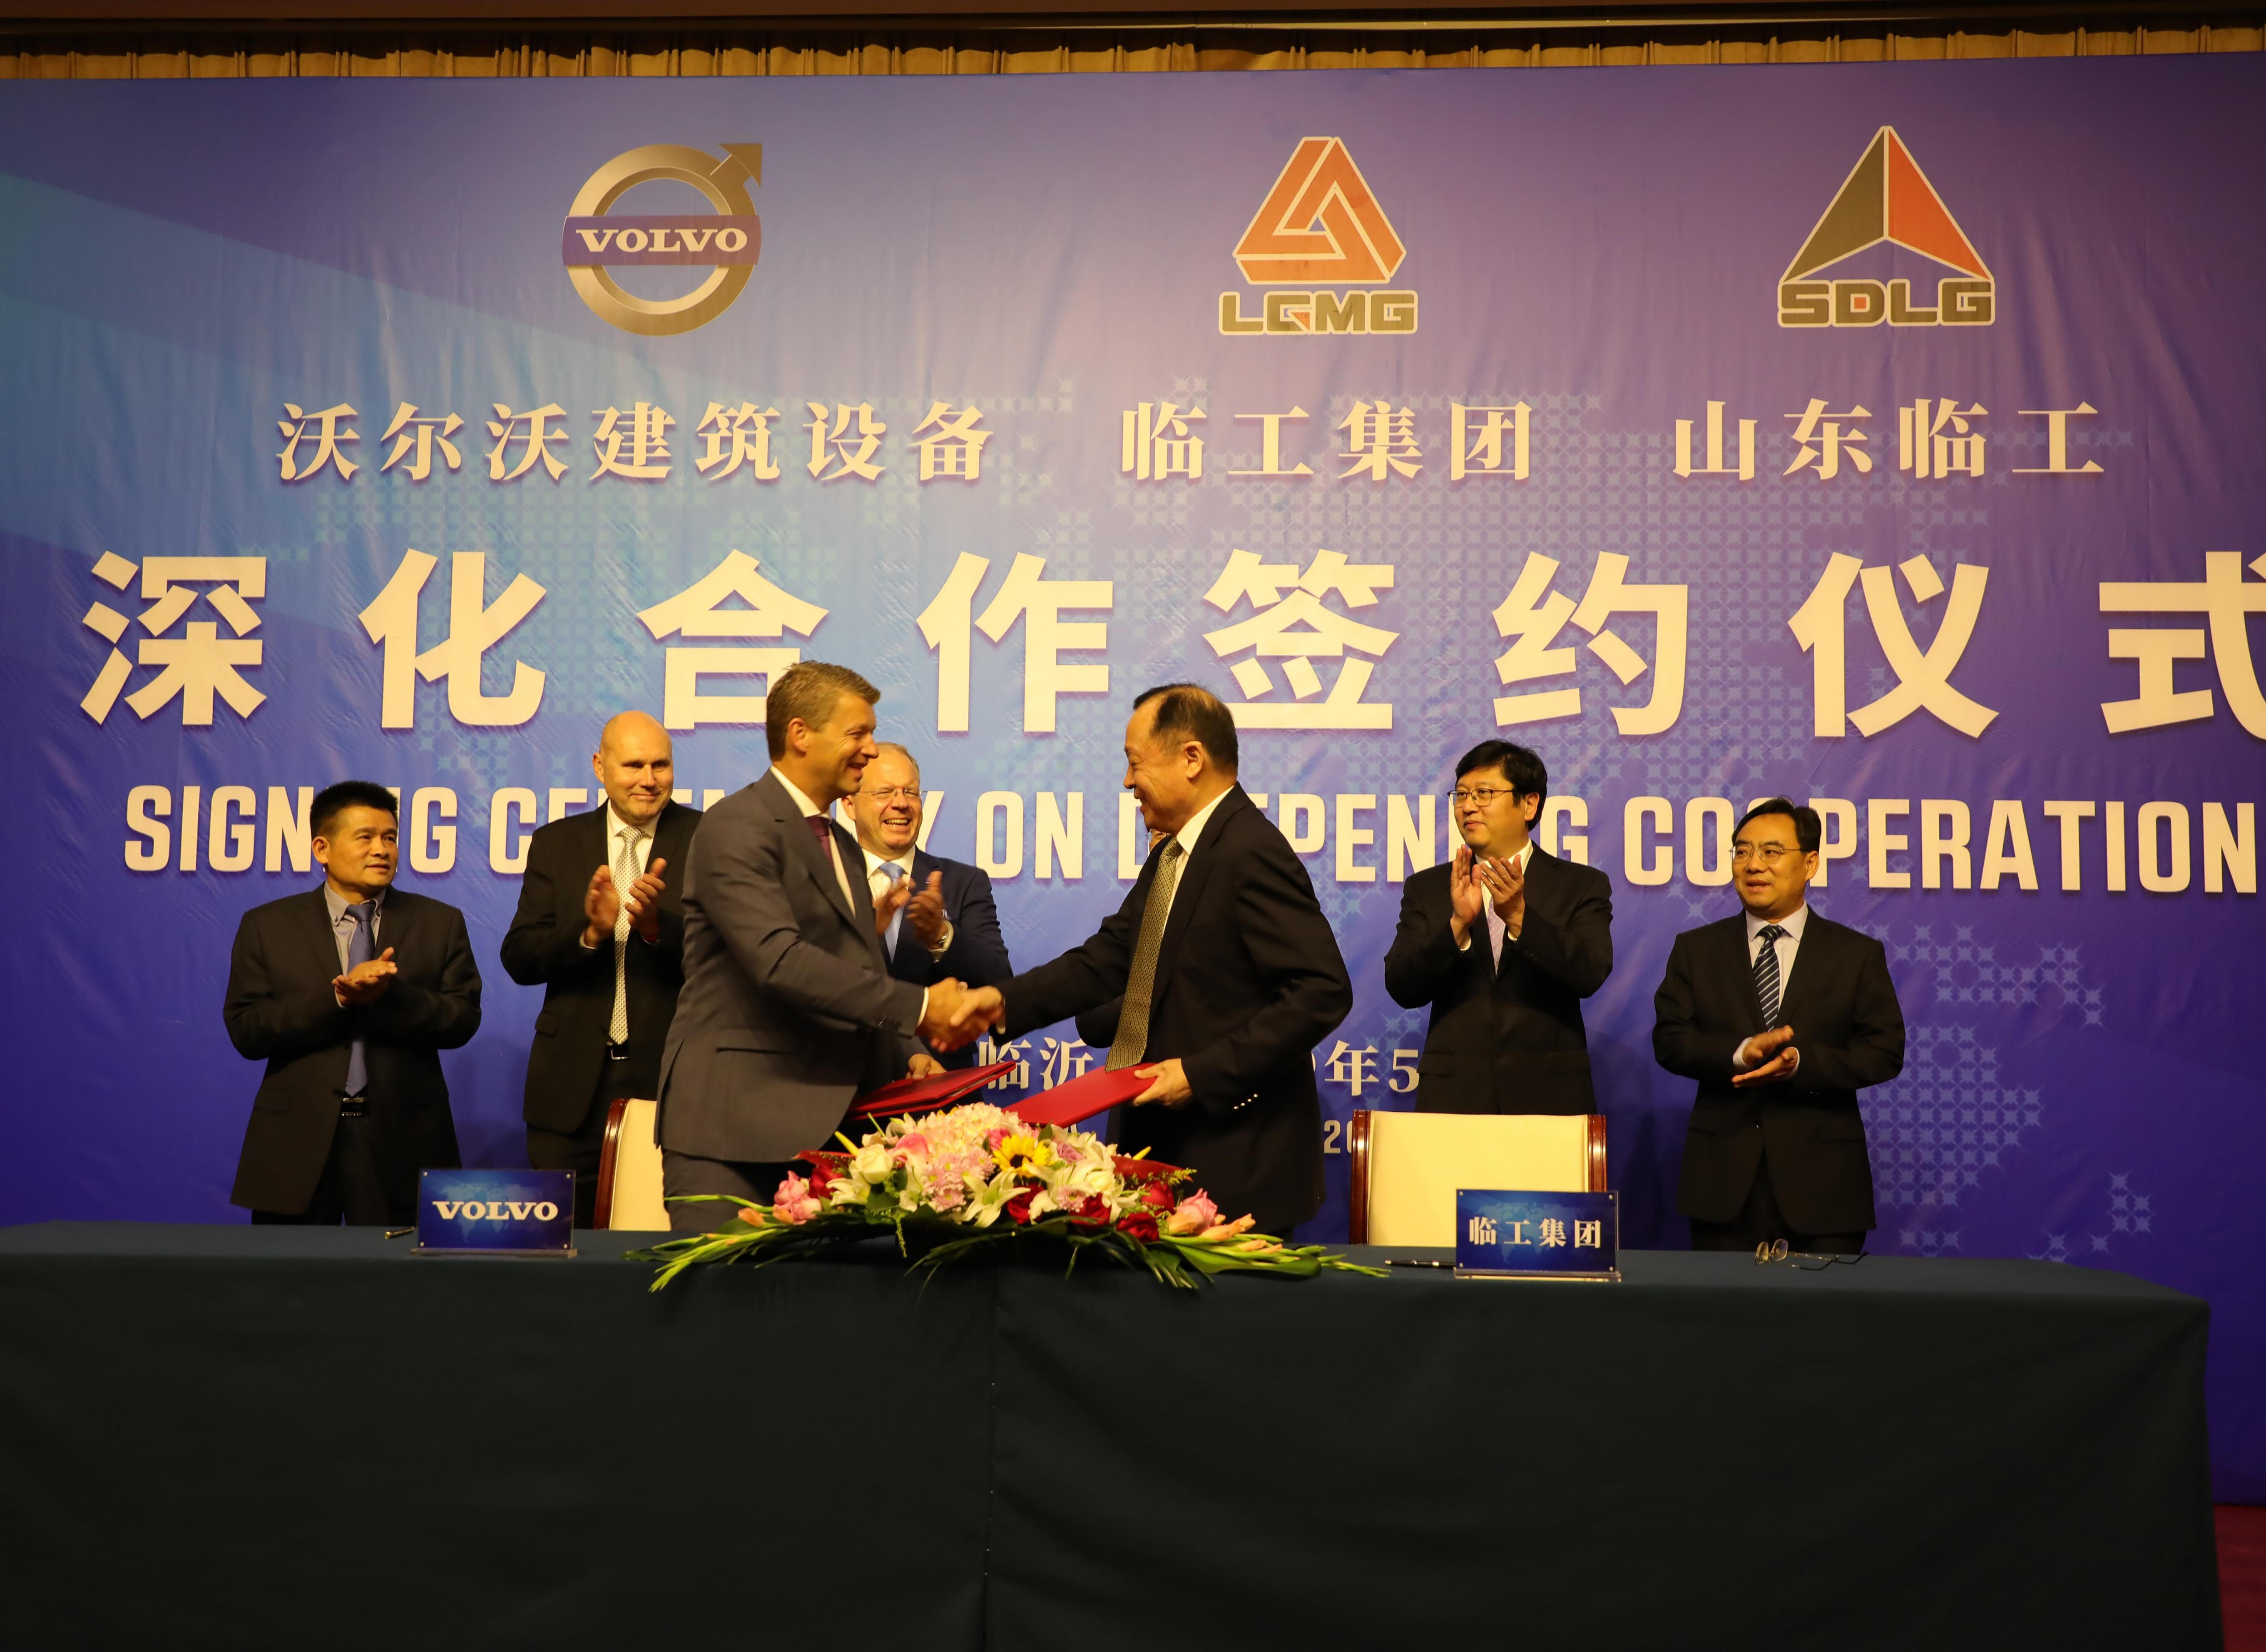 Volvo CE - News & Events - Trois étapes pour rester en tête à l'ère de l'innovation en Chine - 04